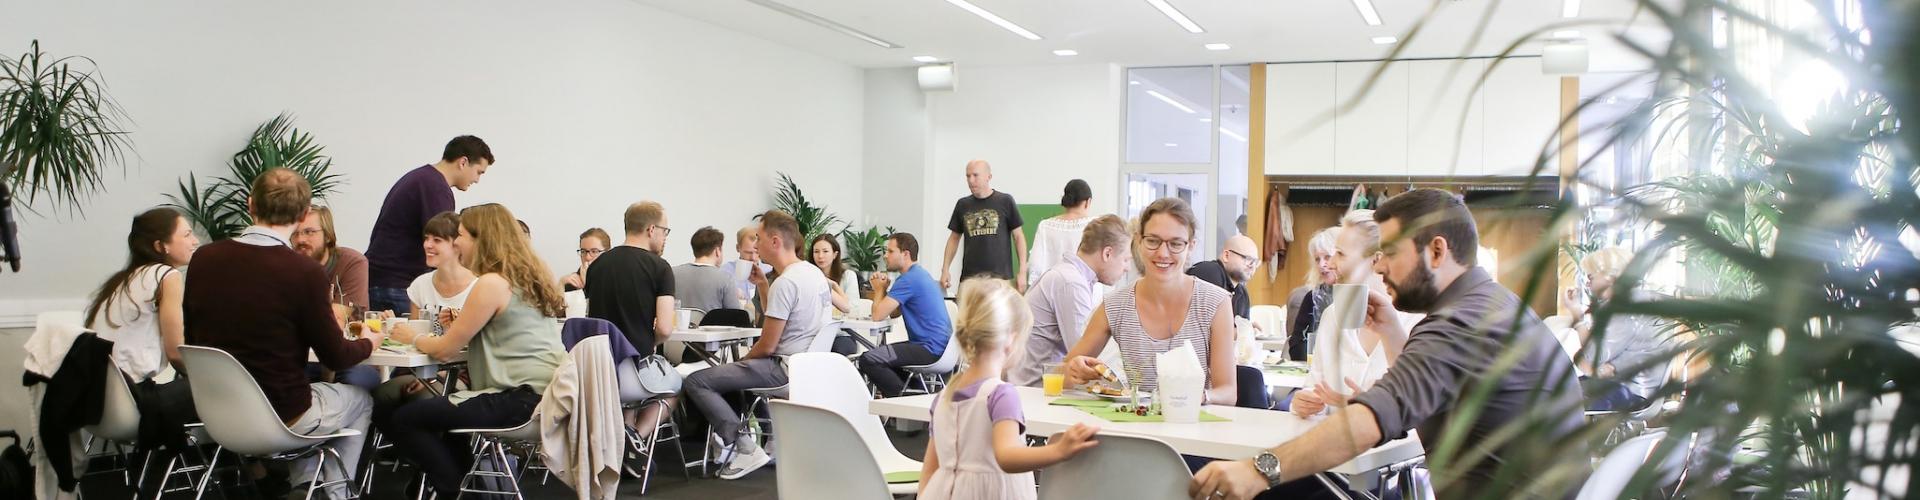 Citychurch München Frühstück